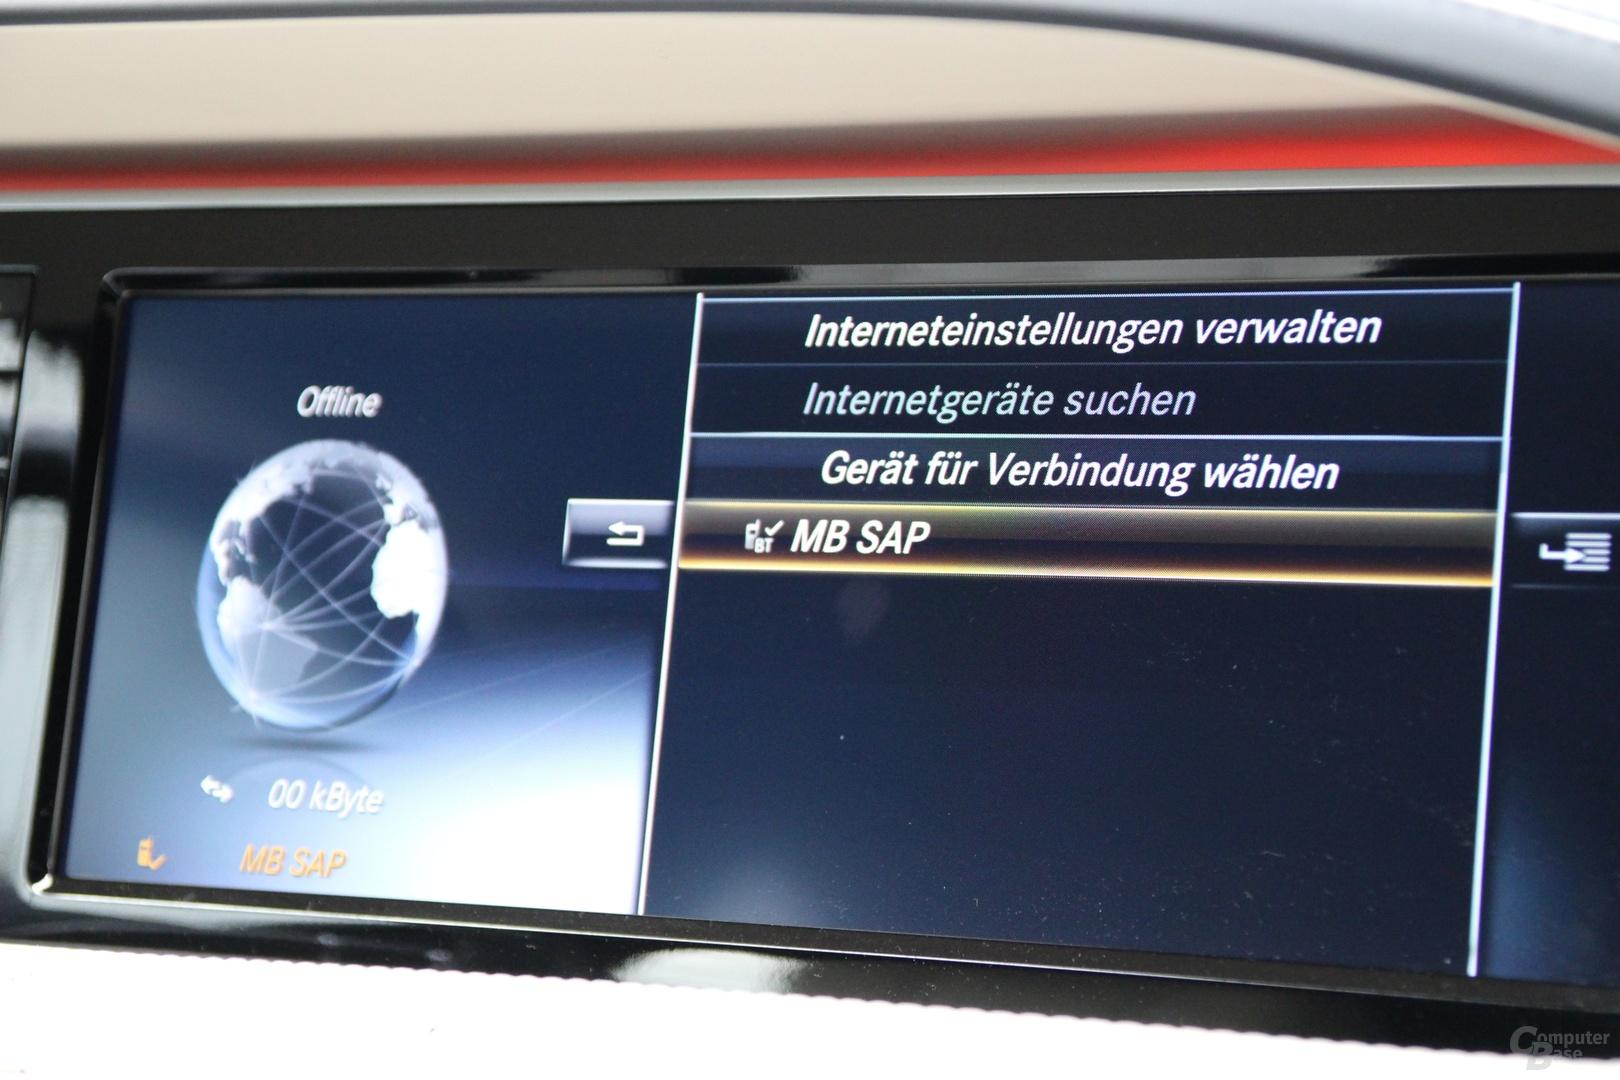 Aufbau der Internetverbindung über das Telefon-Modul mit SAP